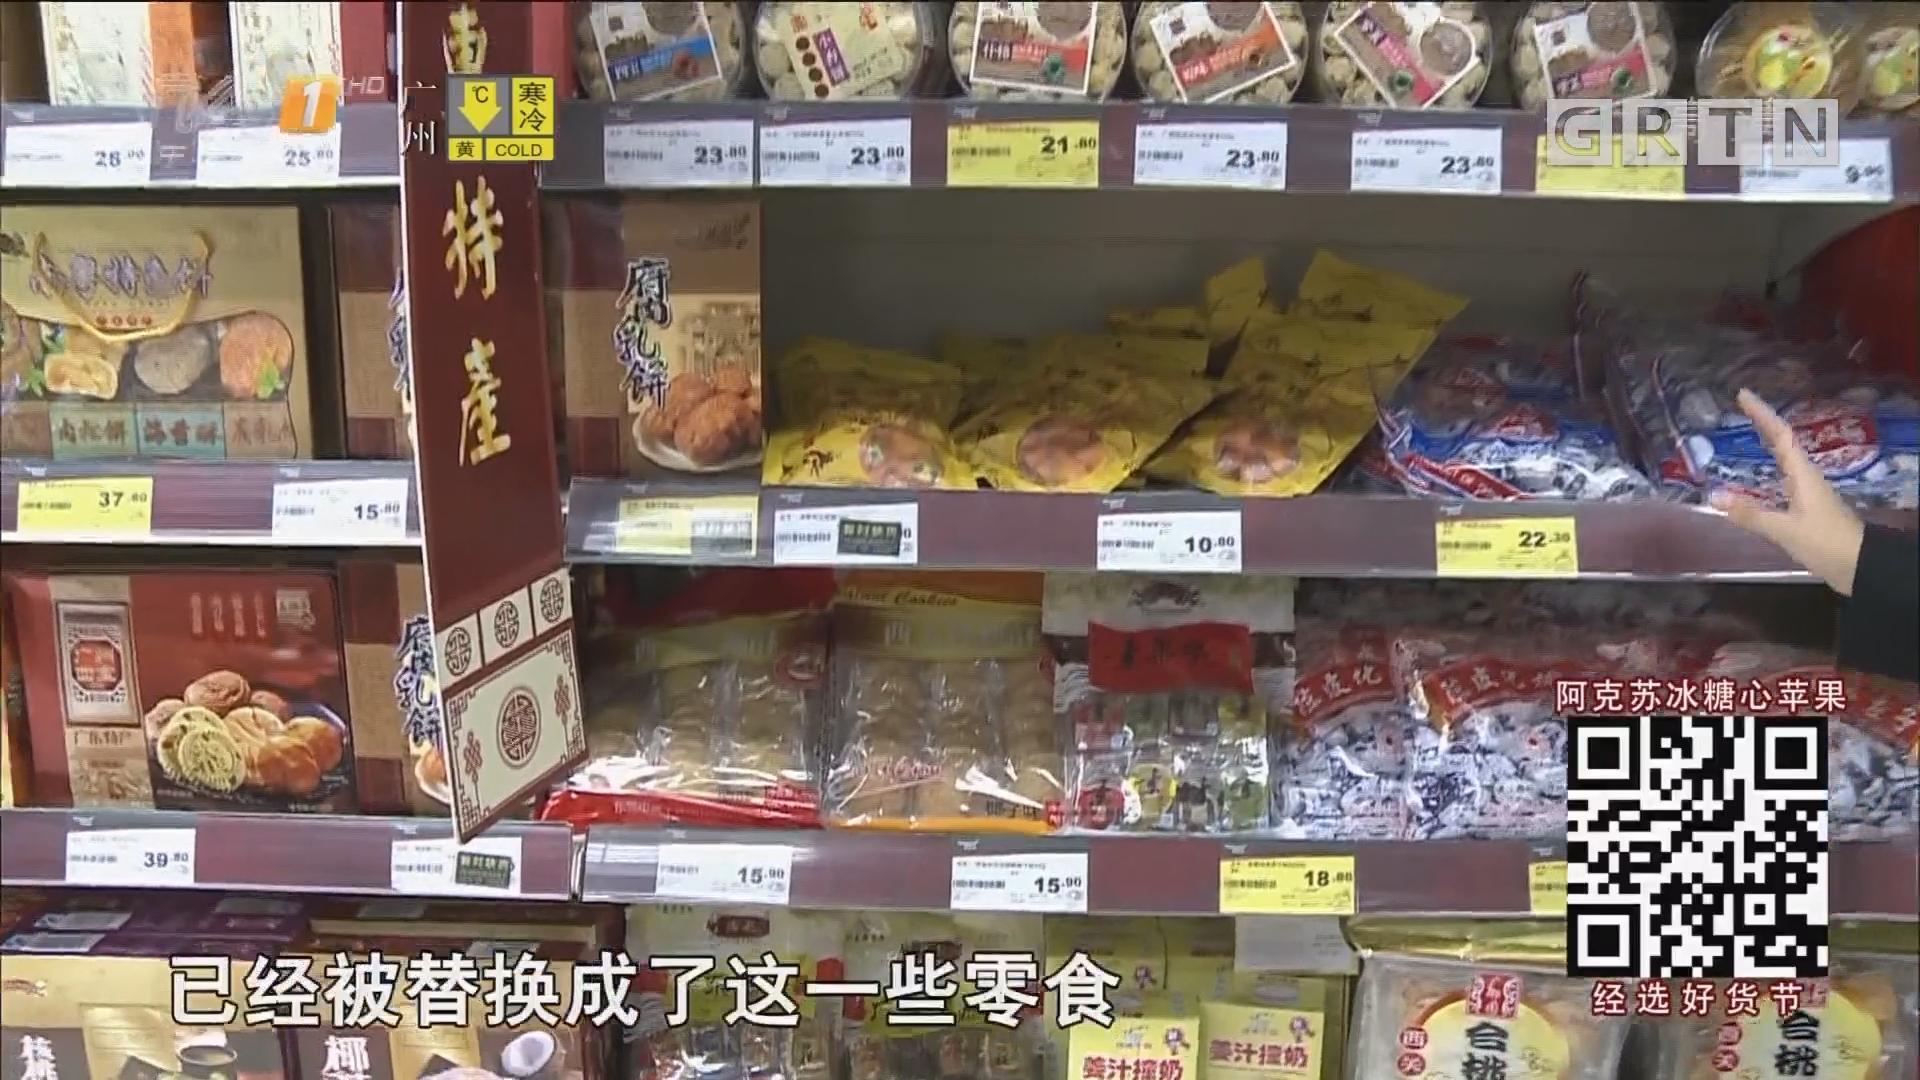 追踪:华润万家疑似出售篡改日期食品 今天悄然下架